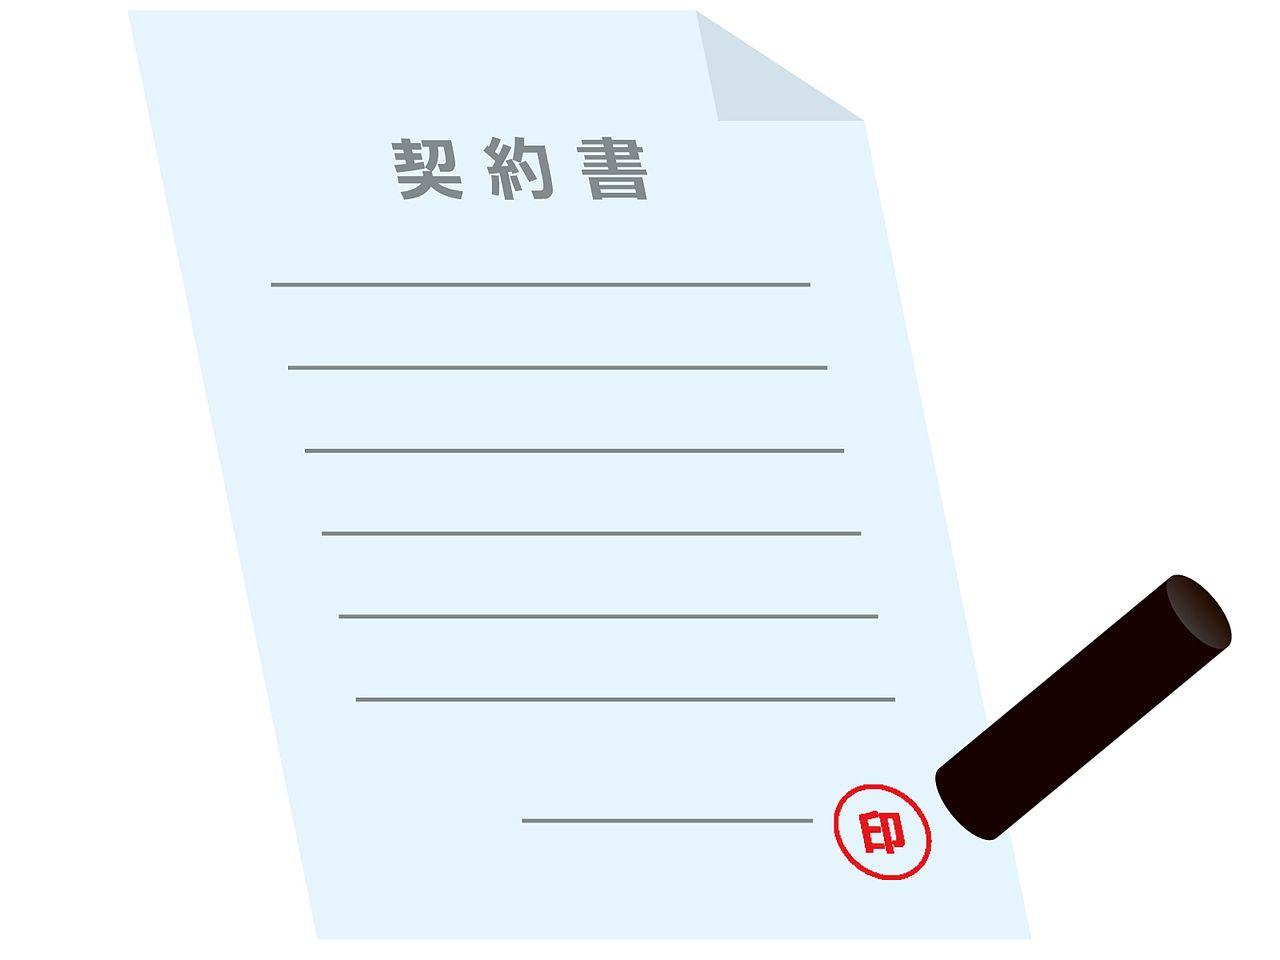 株式会社ホーセイ土地の契約の流れ